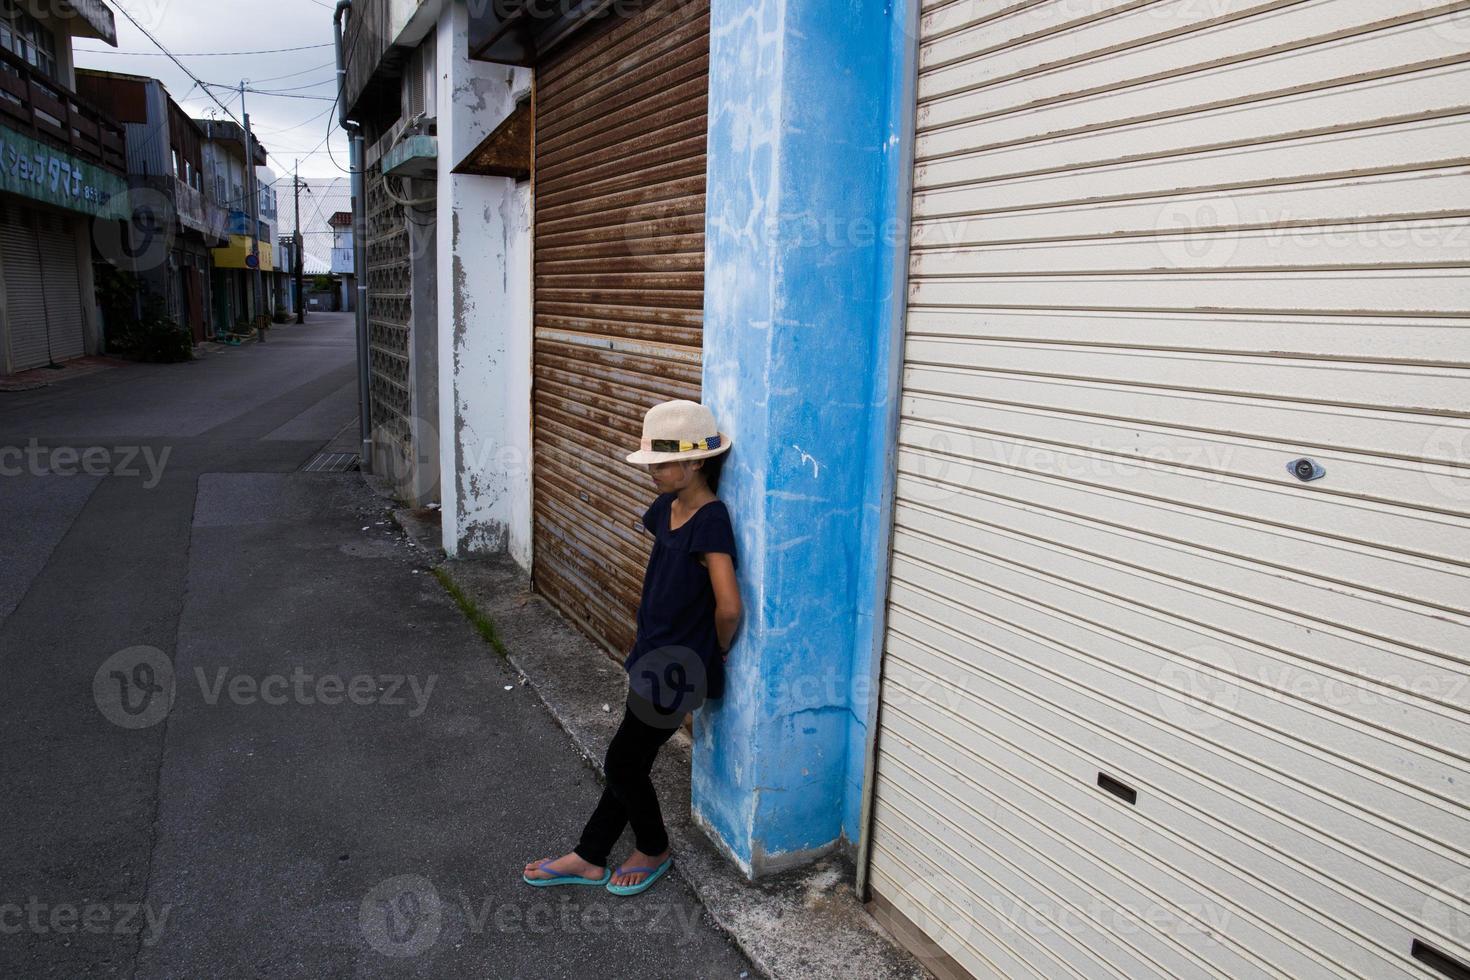 ragazza in piedi sulla vecchia strada foto